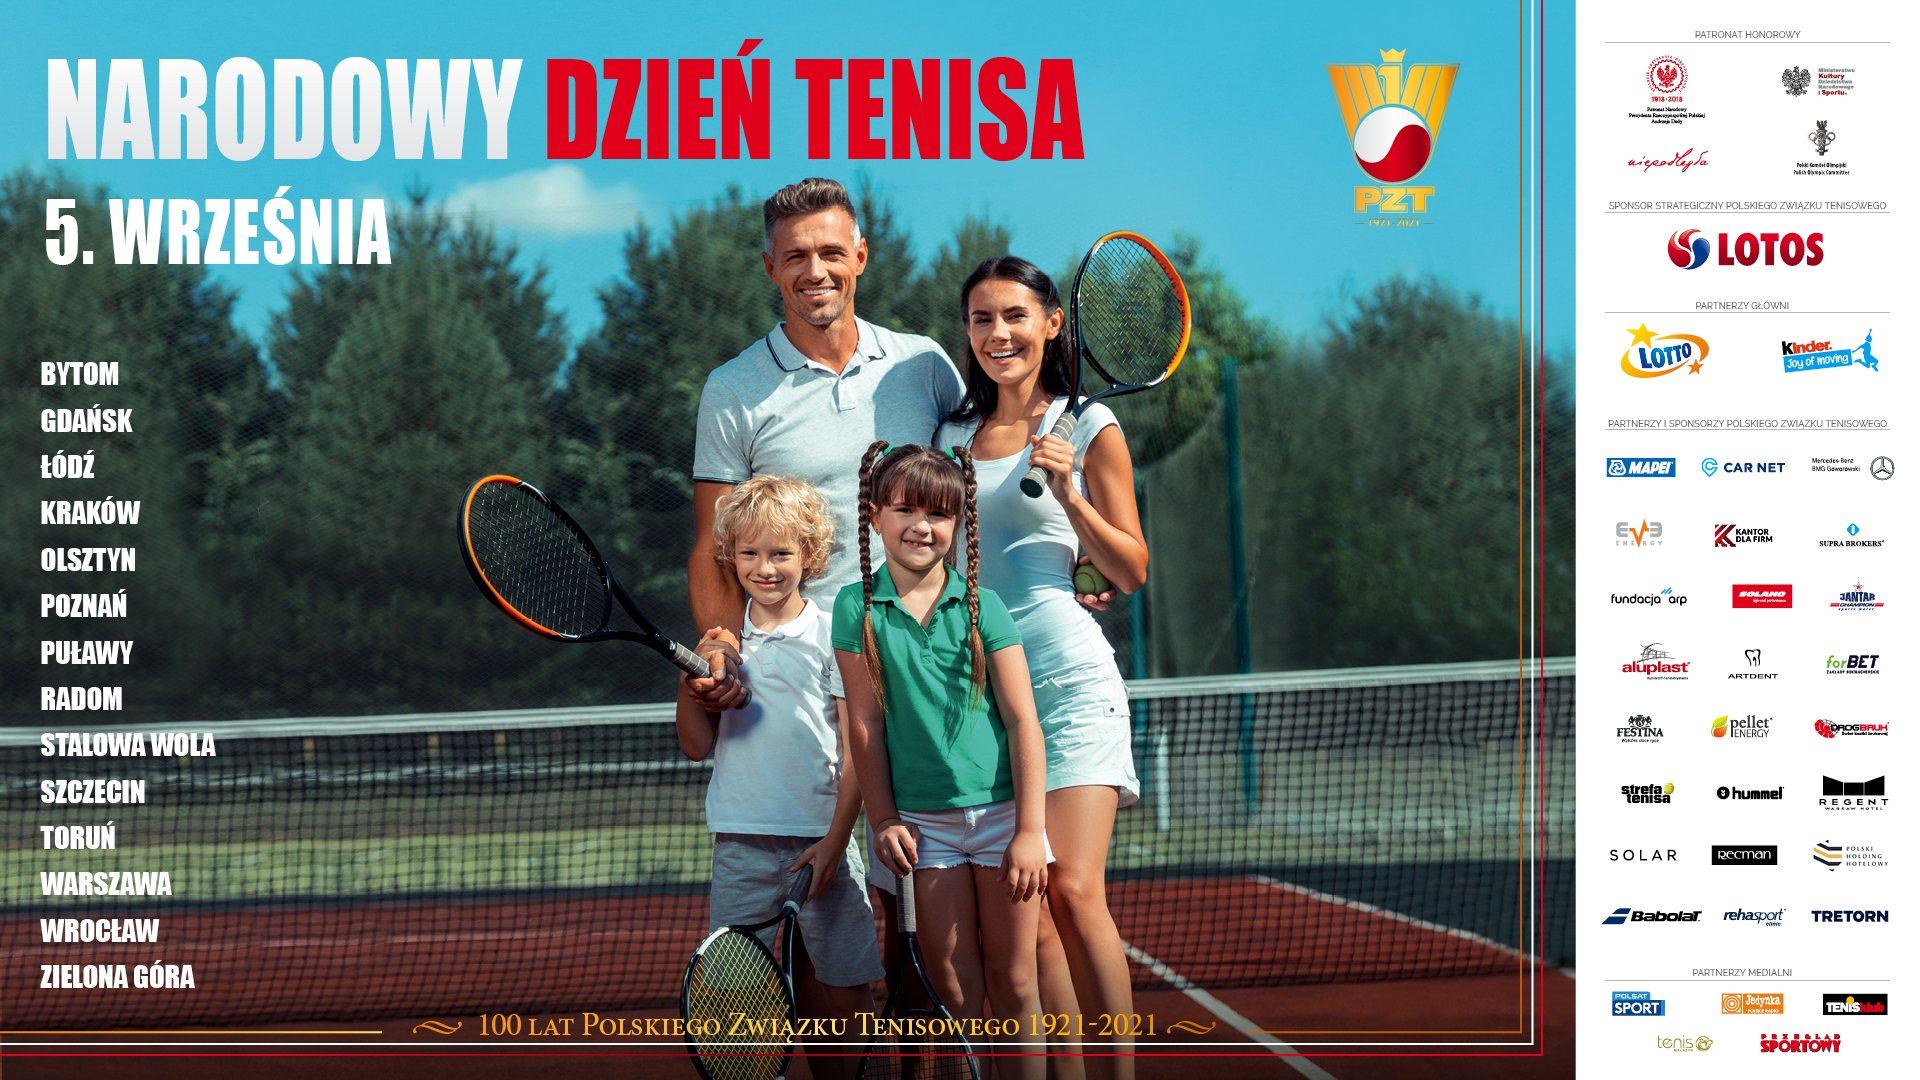 Narodowy Dzień Tenisa. Organizatorzy przygotowali mnóstwo atrakcji (szczegółowy program dla 14 miast)